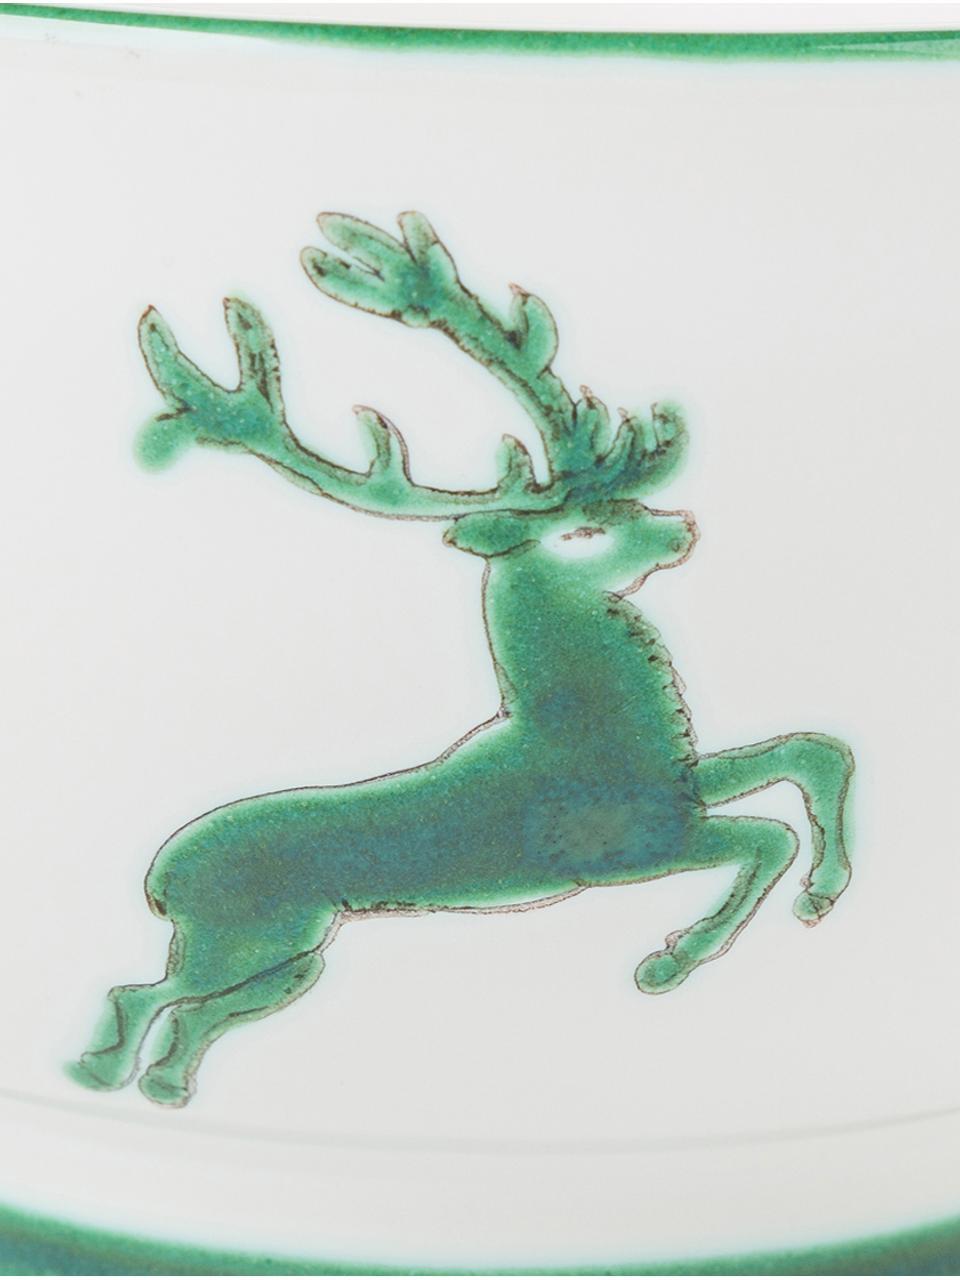 Handbemaltes Schälchen Grüner Hirsch, Keramik, Grün,Weiß, Ø 14 cm